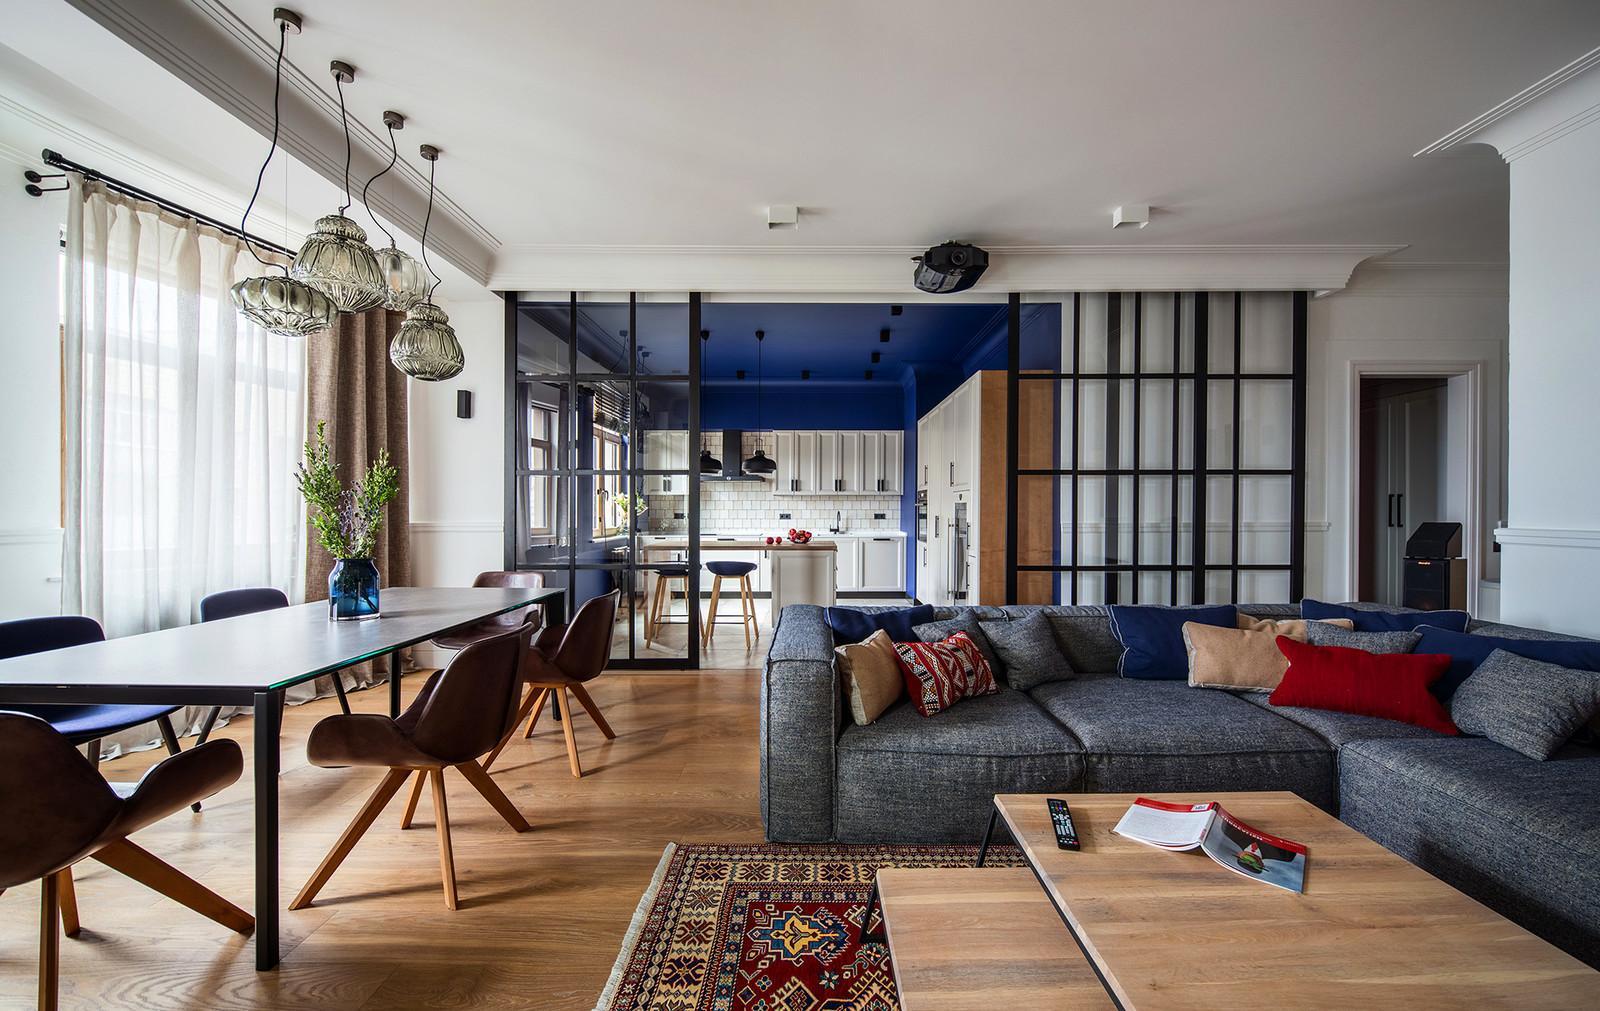 Гостиная непременно должна иметь зону отдыха, которая обычно обозначается мягким ковром на полу, мягкой мебелью с подушками, ТВ- зоной и приглушенным освещением.